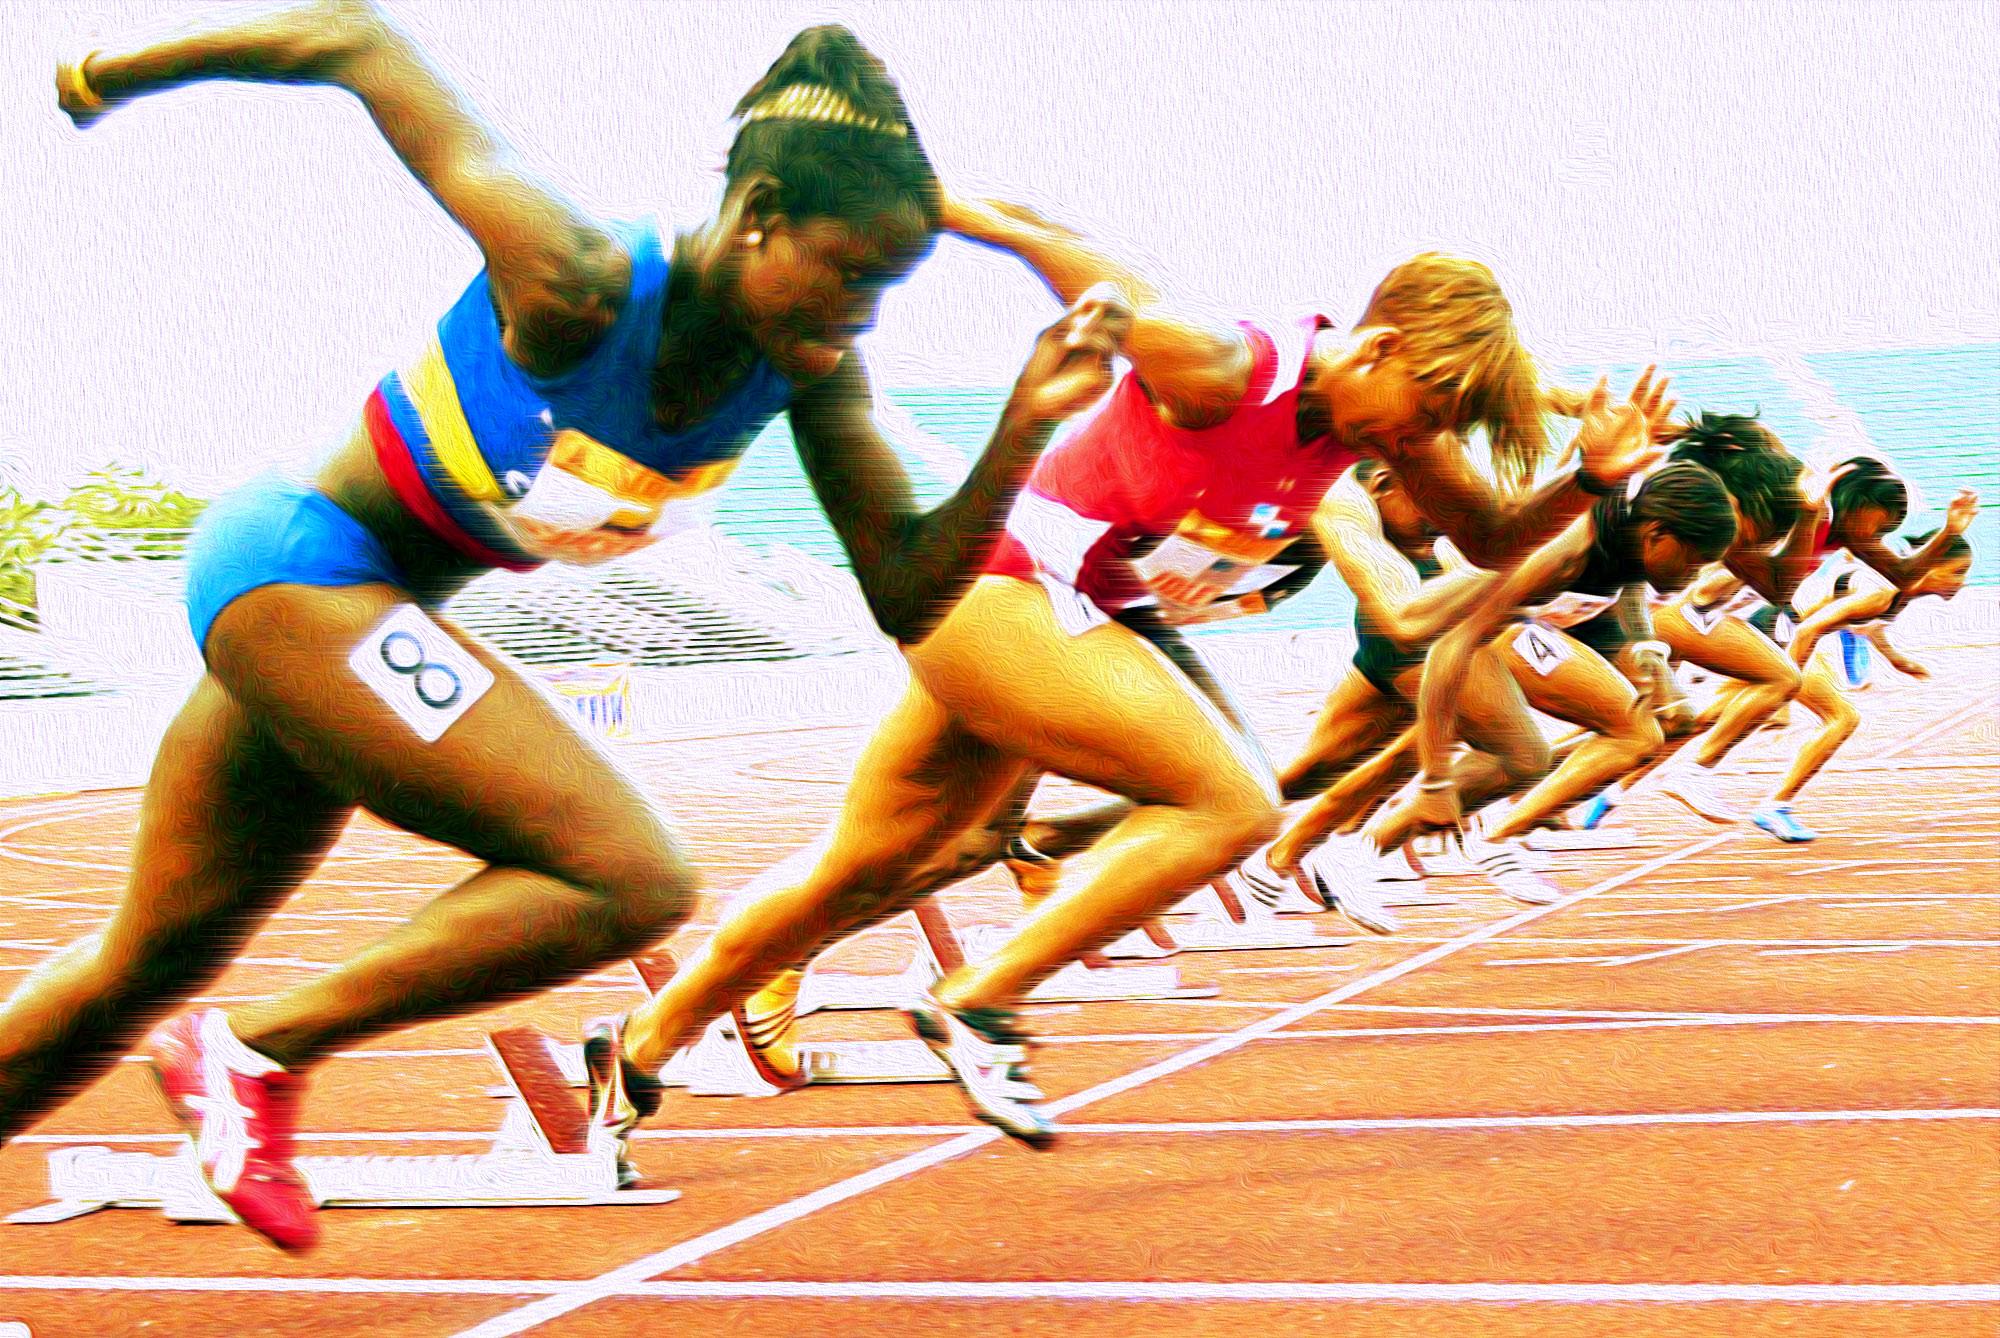 Ilustración gratis - Carreras de velocidad - mujeres atletas